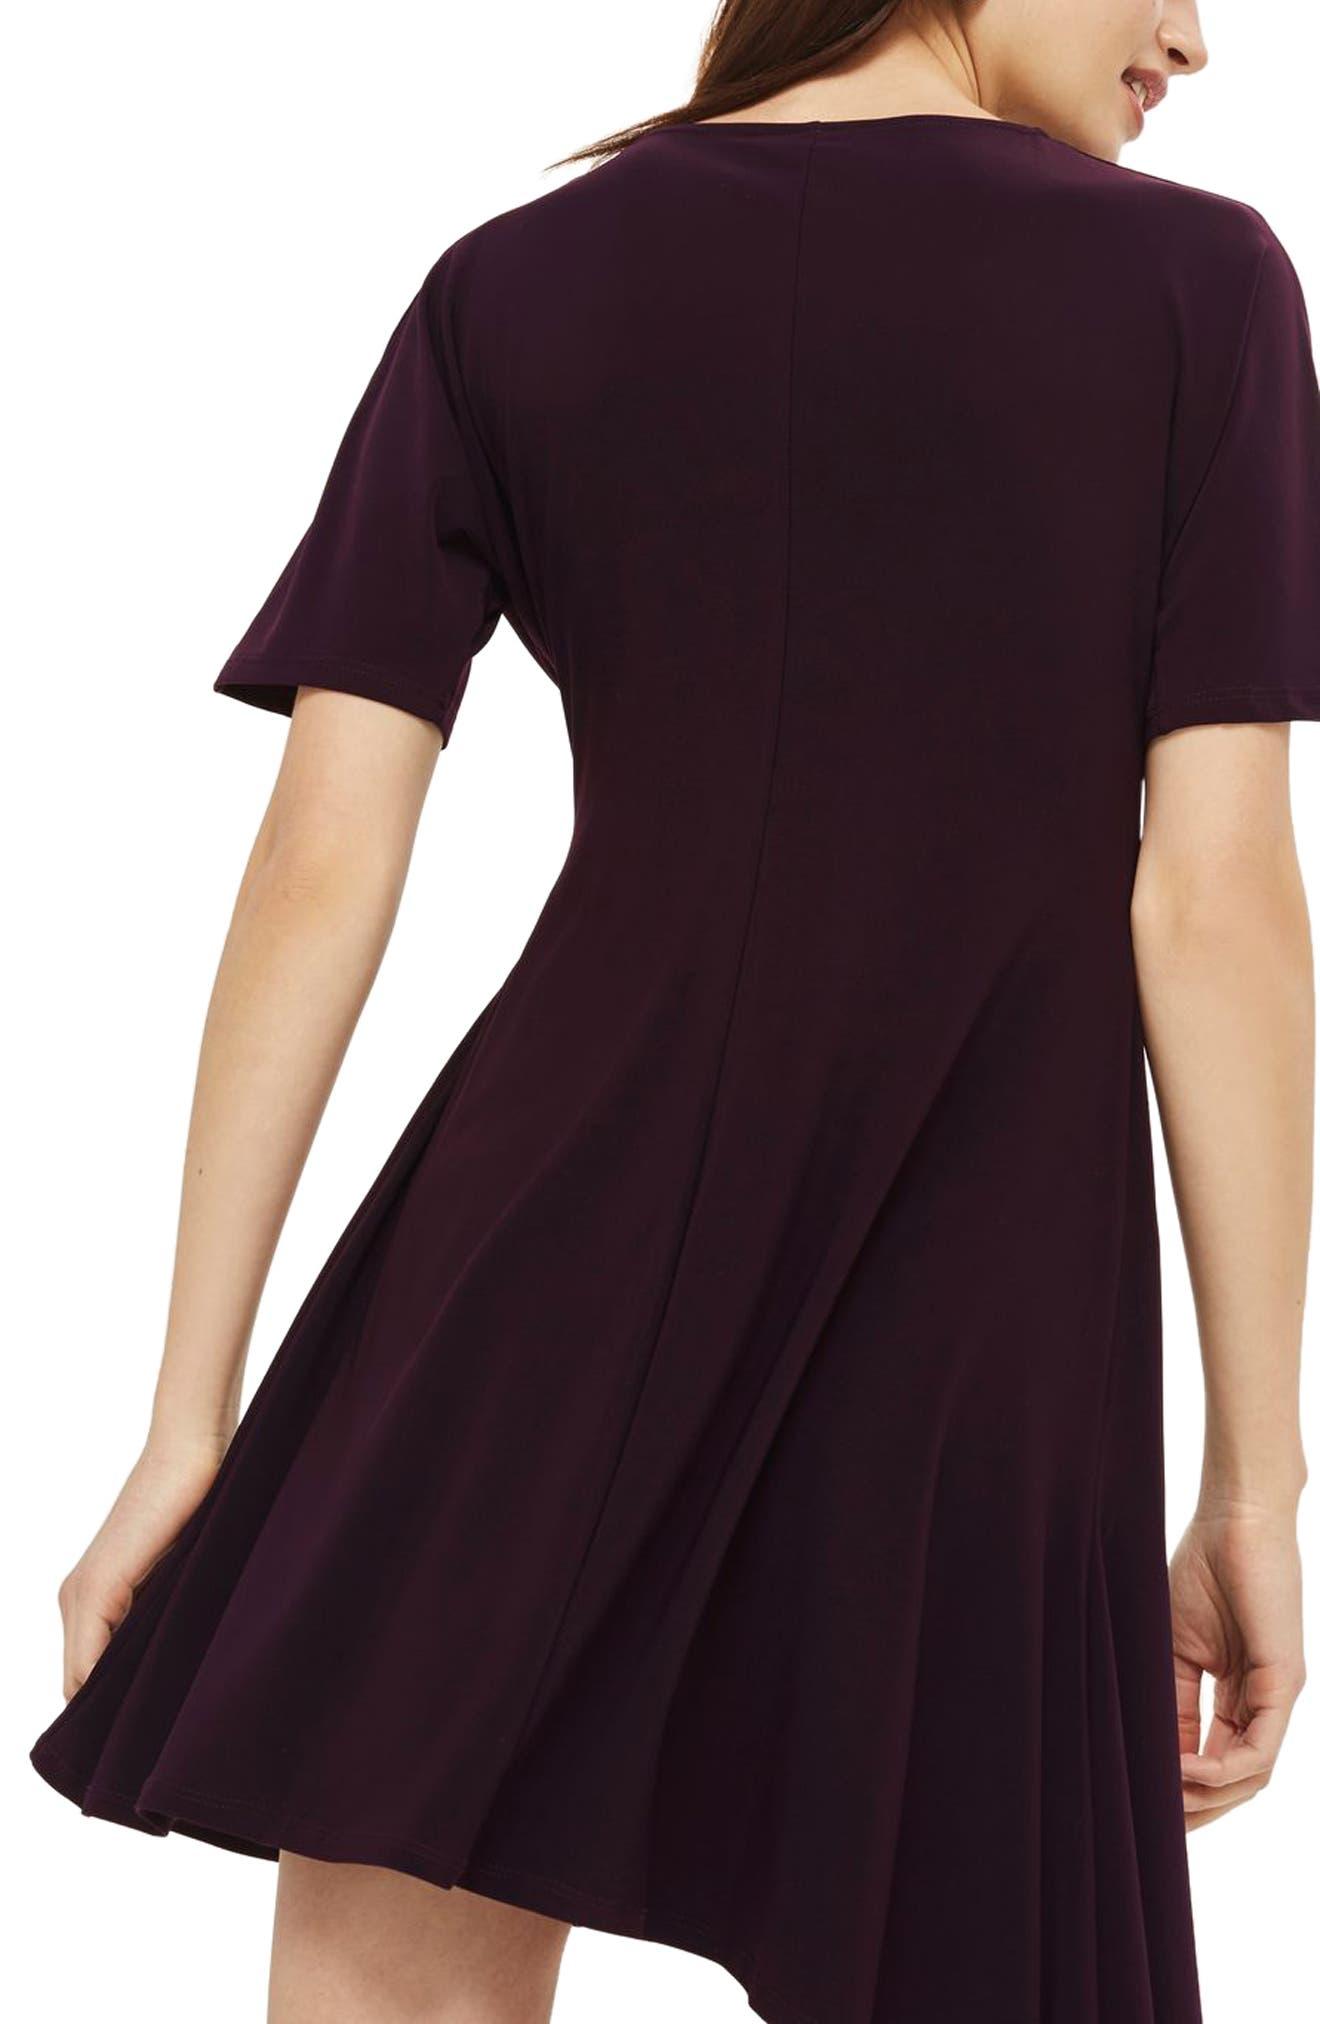 Gathered Asymmetrical Skater Dress,                             Alternate thumbnail 2, color,                             930